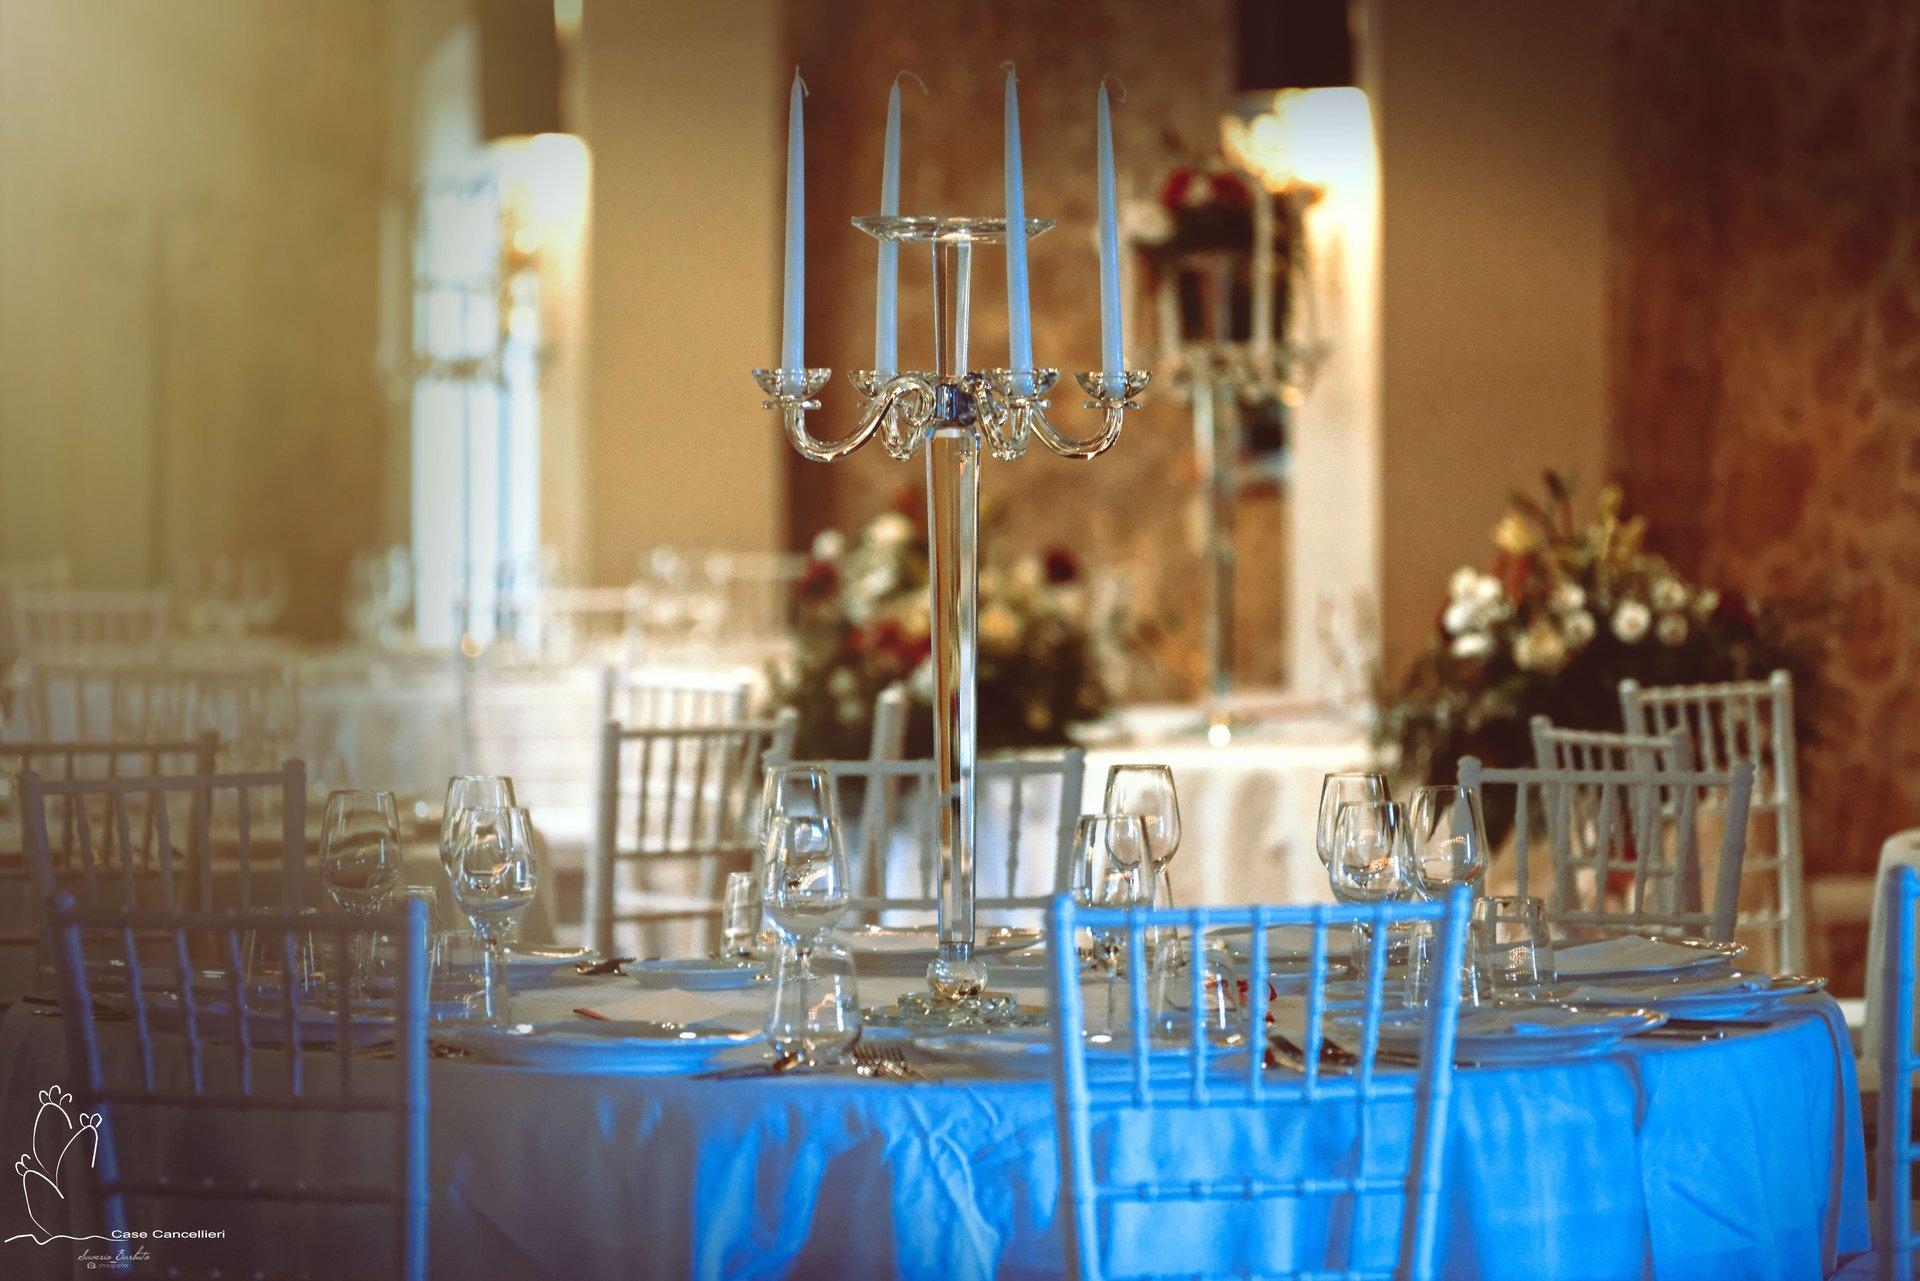 Tavolo apparecchiato con candelabro